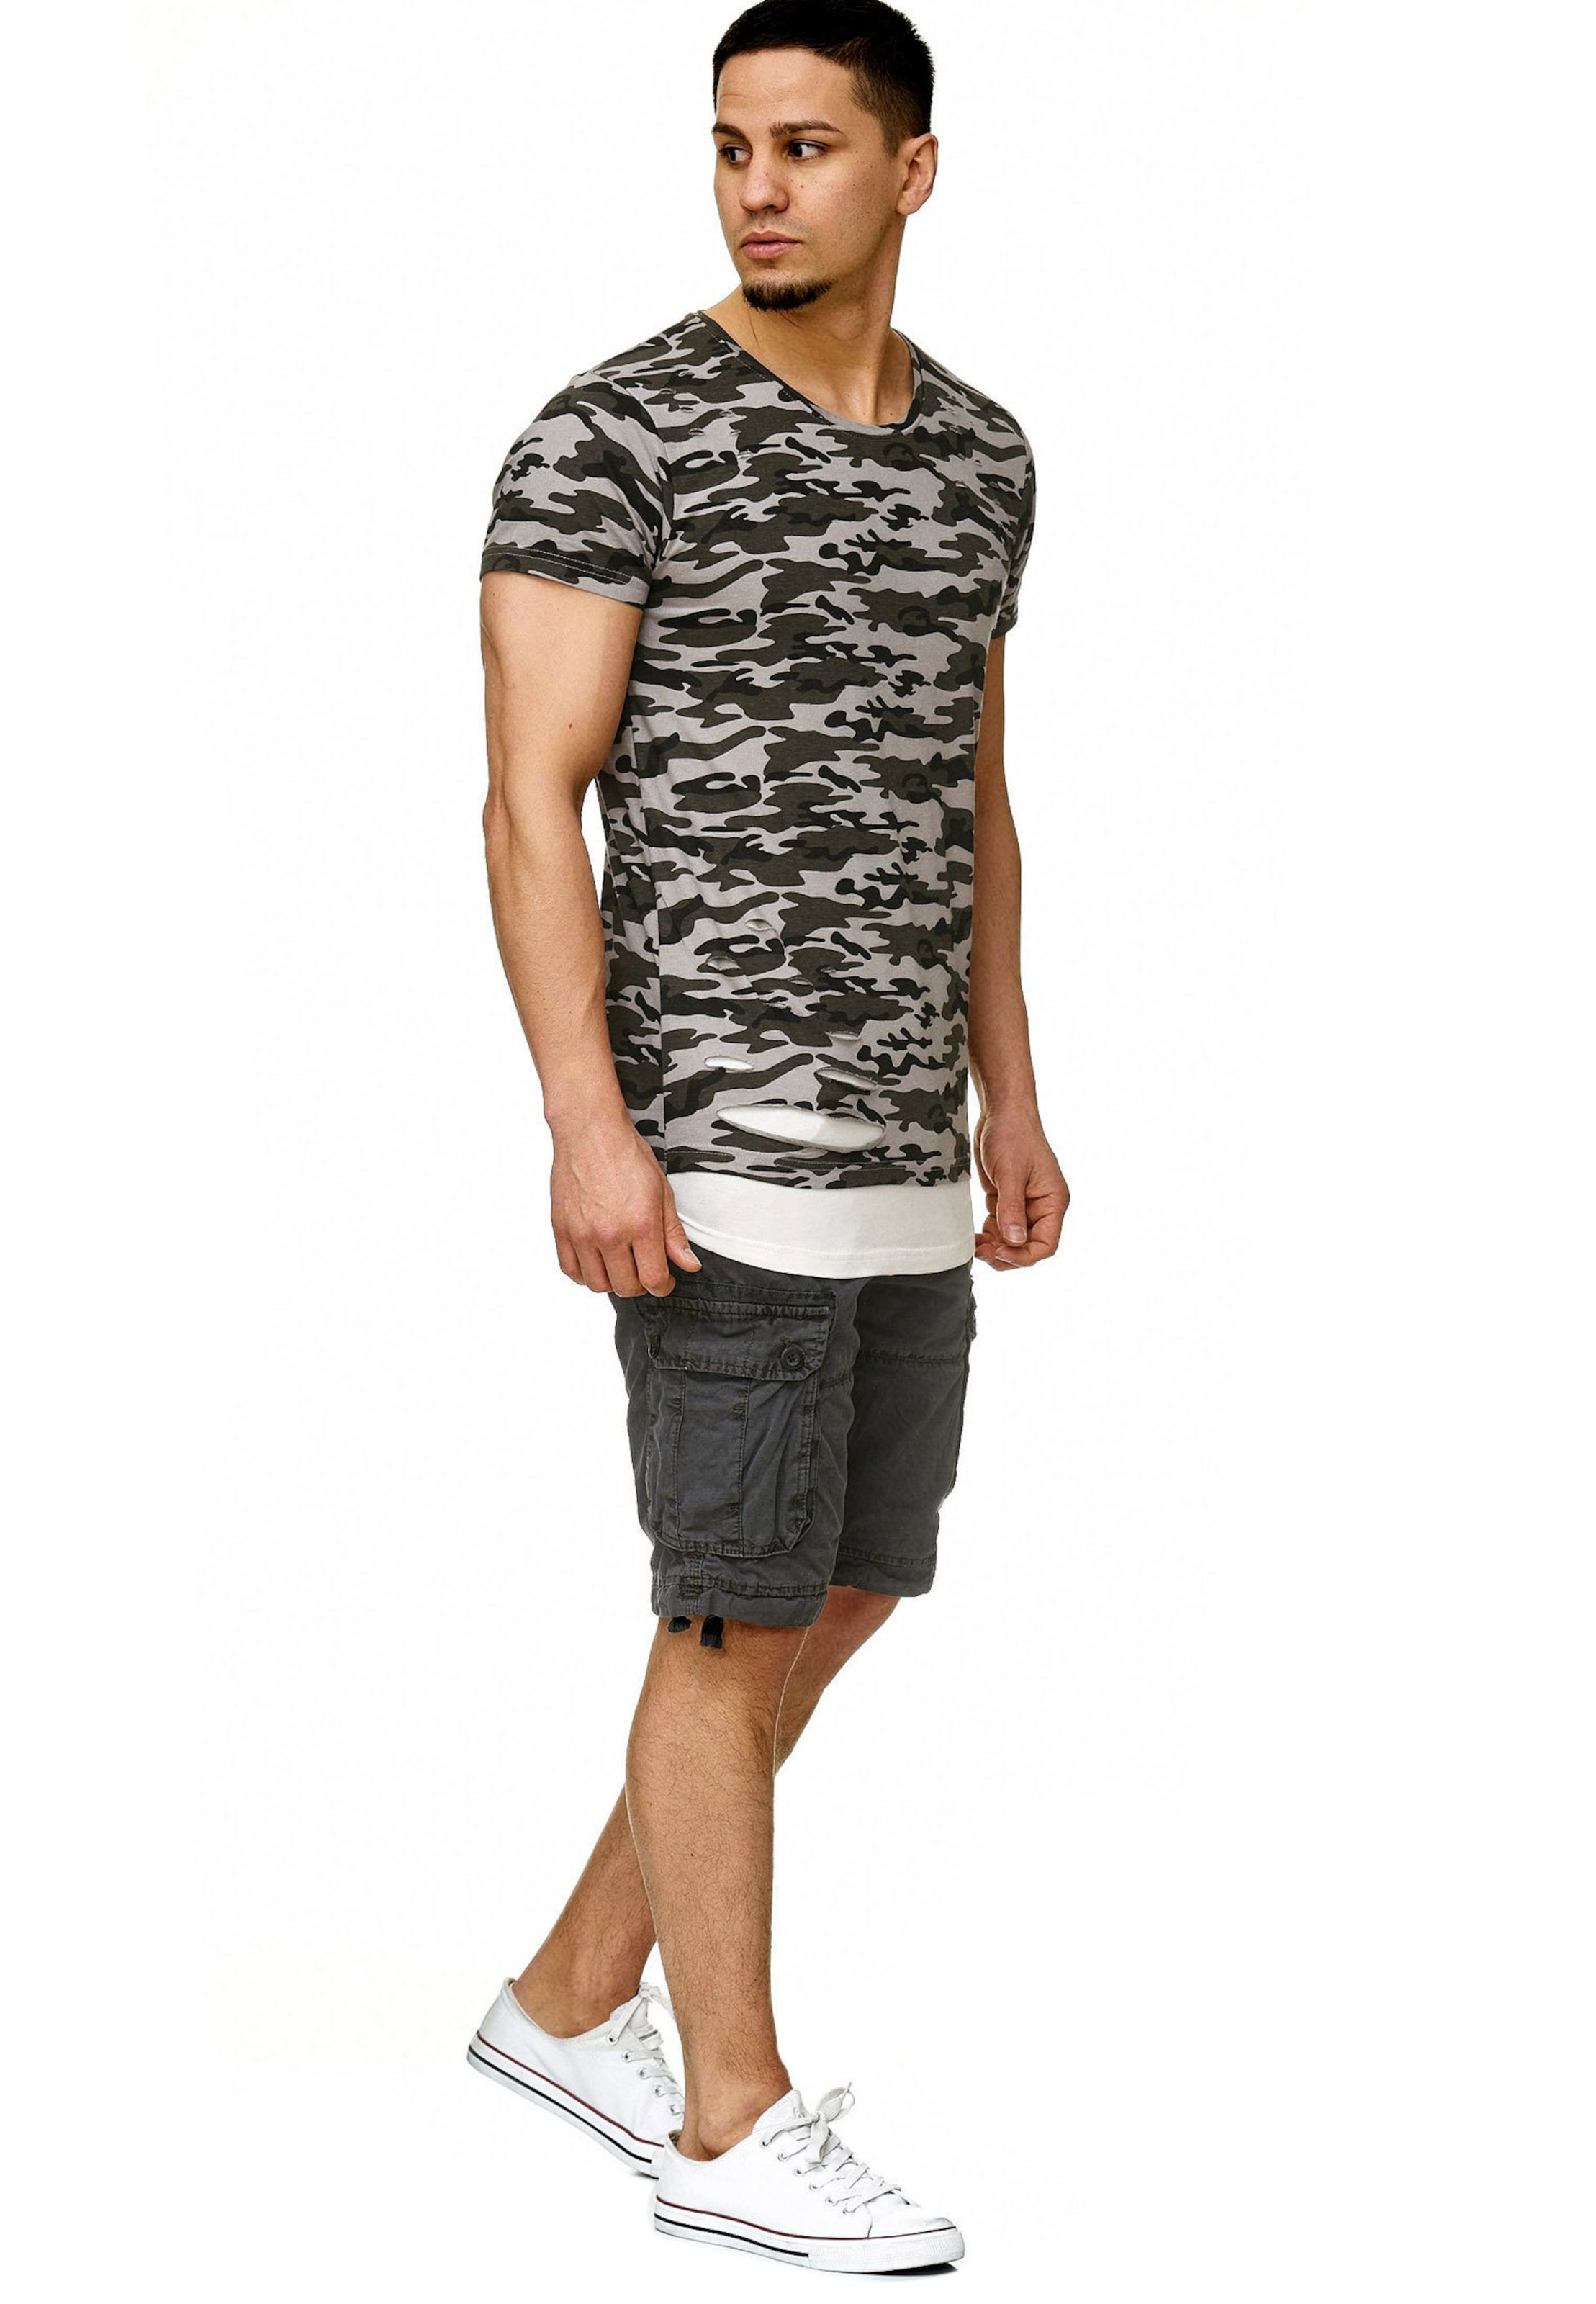 Indicode 'lund' En Jeans GrisBasalte shirt Noir T 4j5L3RAq